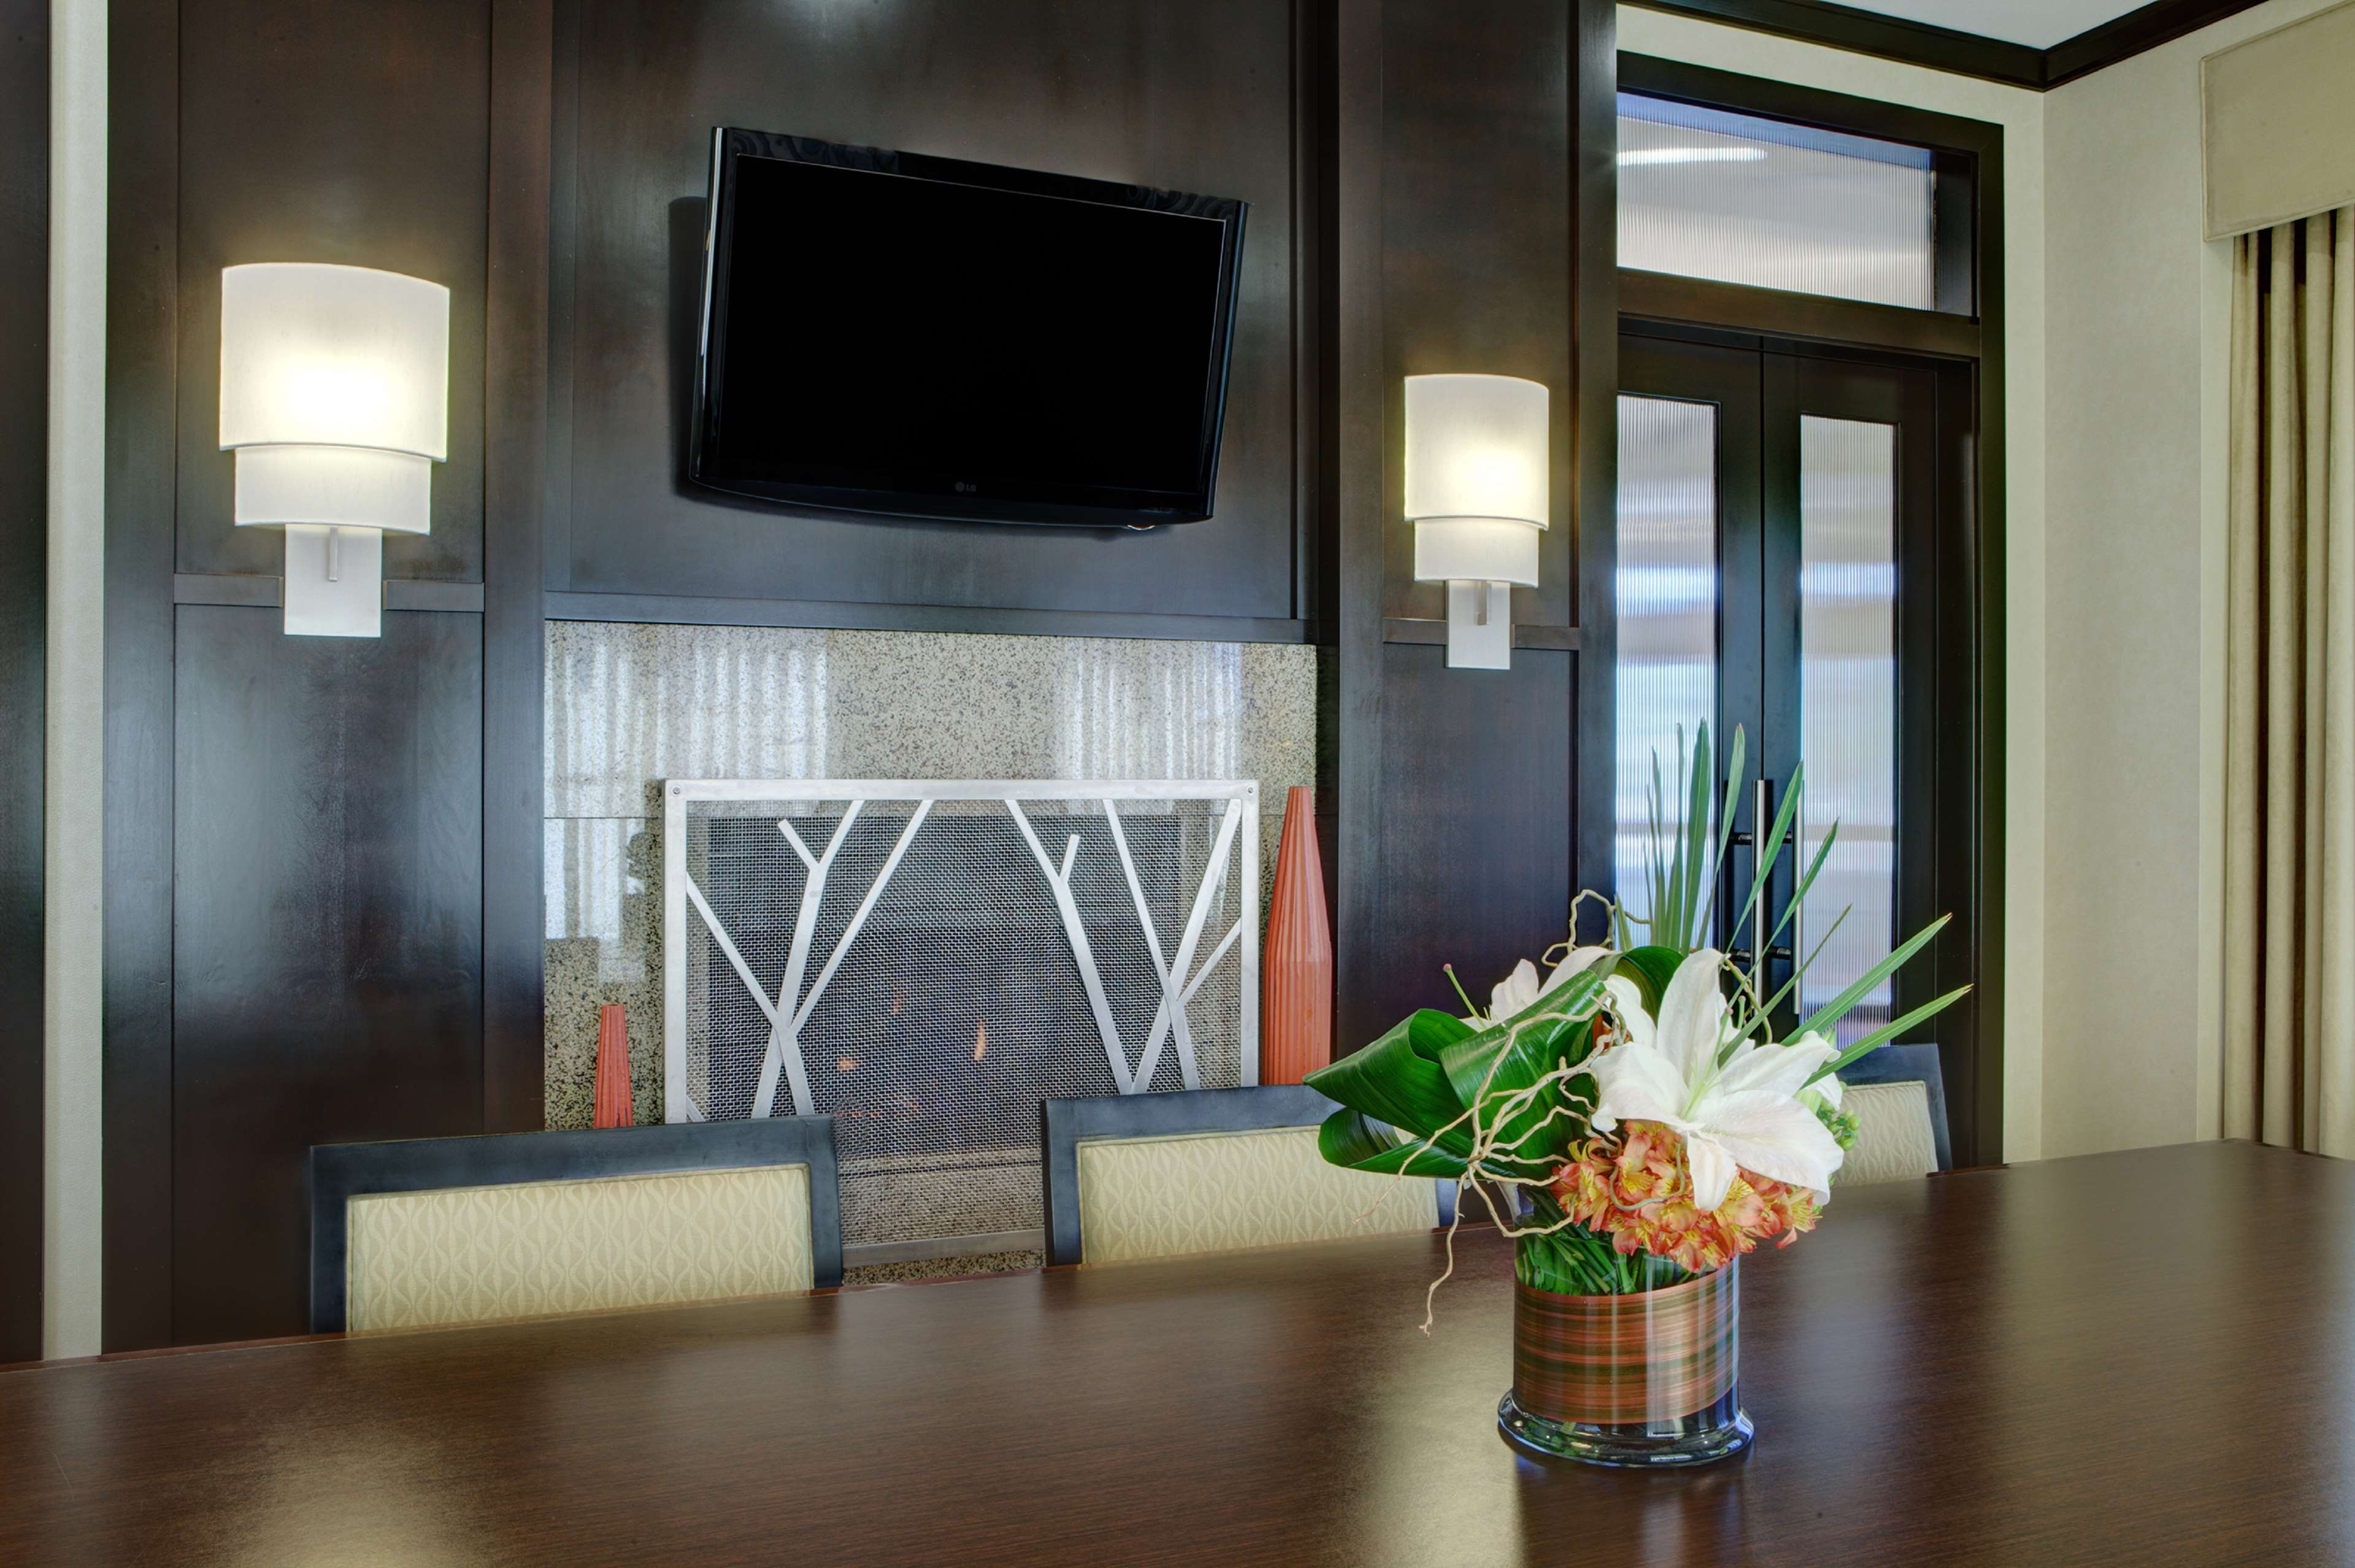 Hilton Garden Inn Seattle/Bothell, WA image 1